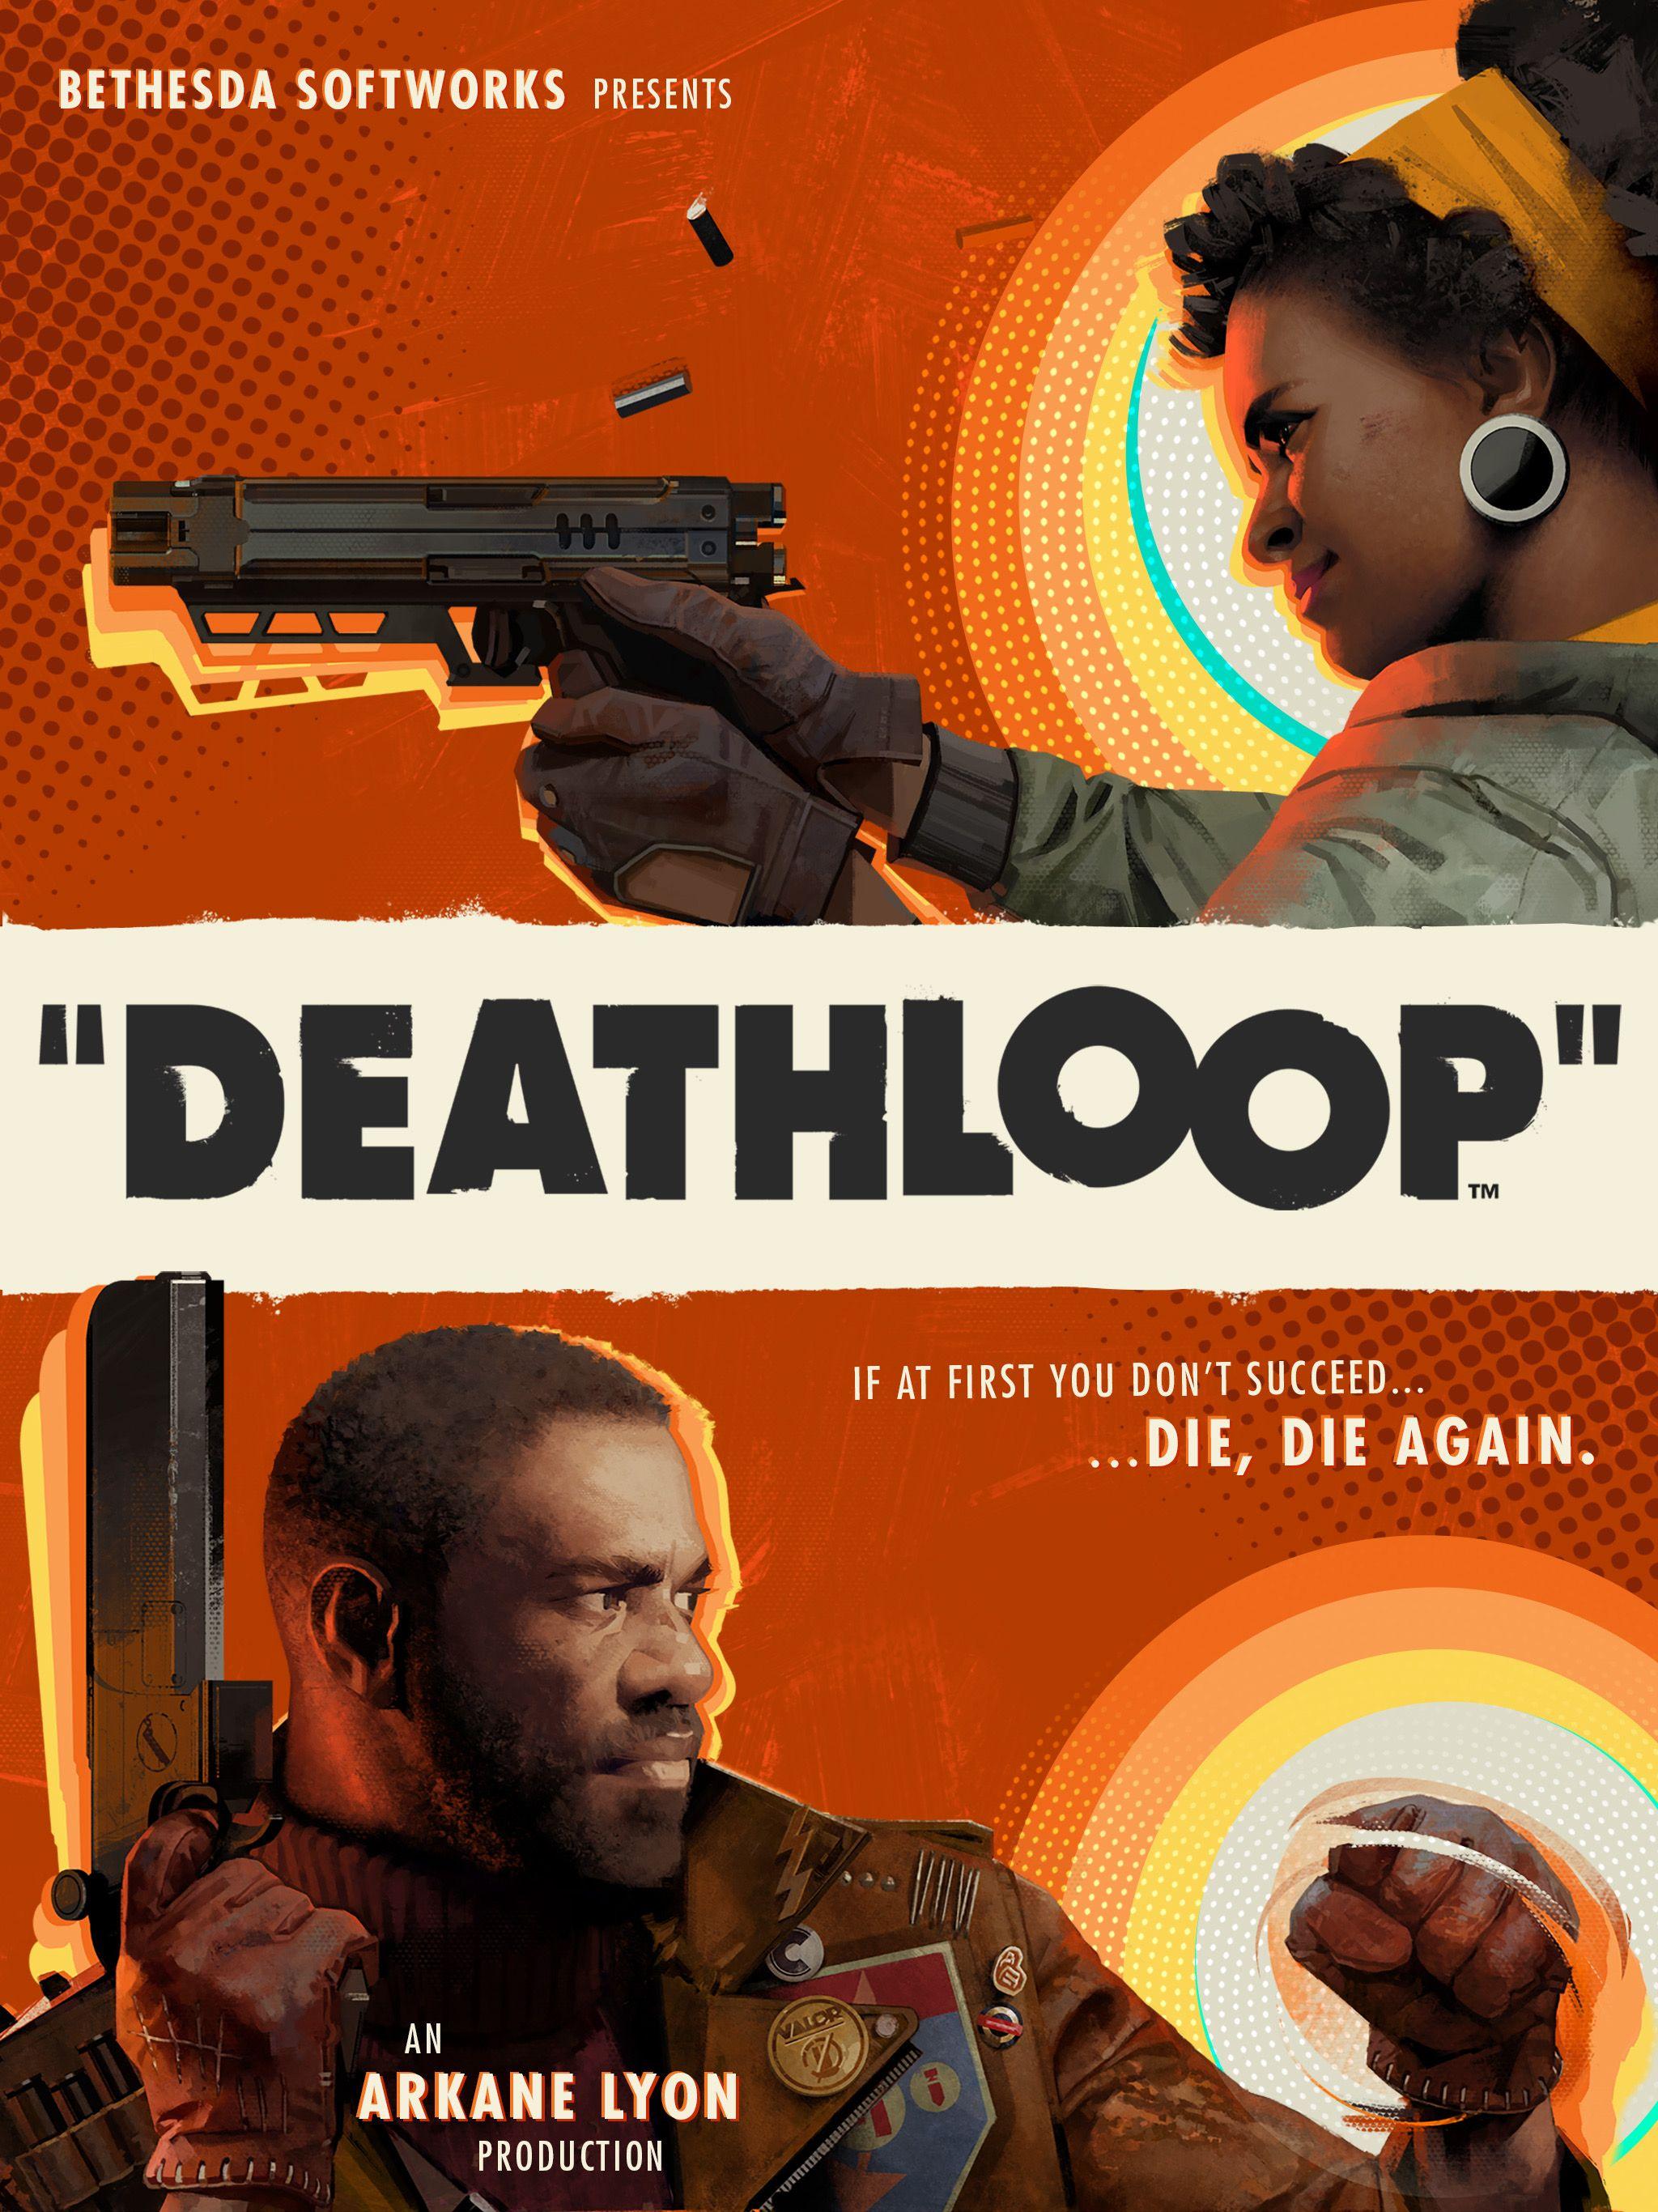 Deathloop 2020 Wallpapers - Wallpaper Cave